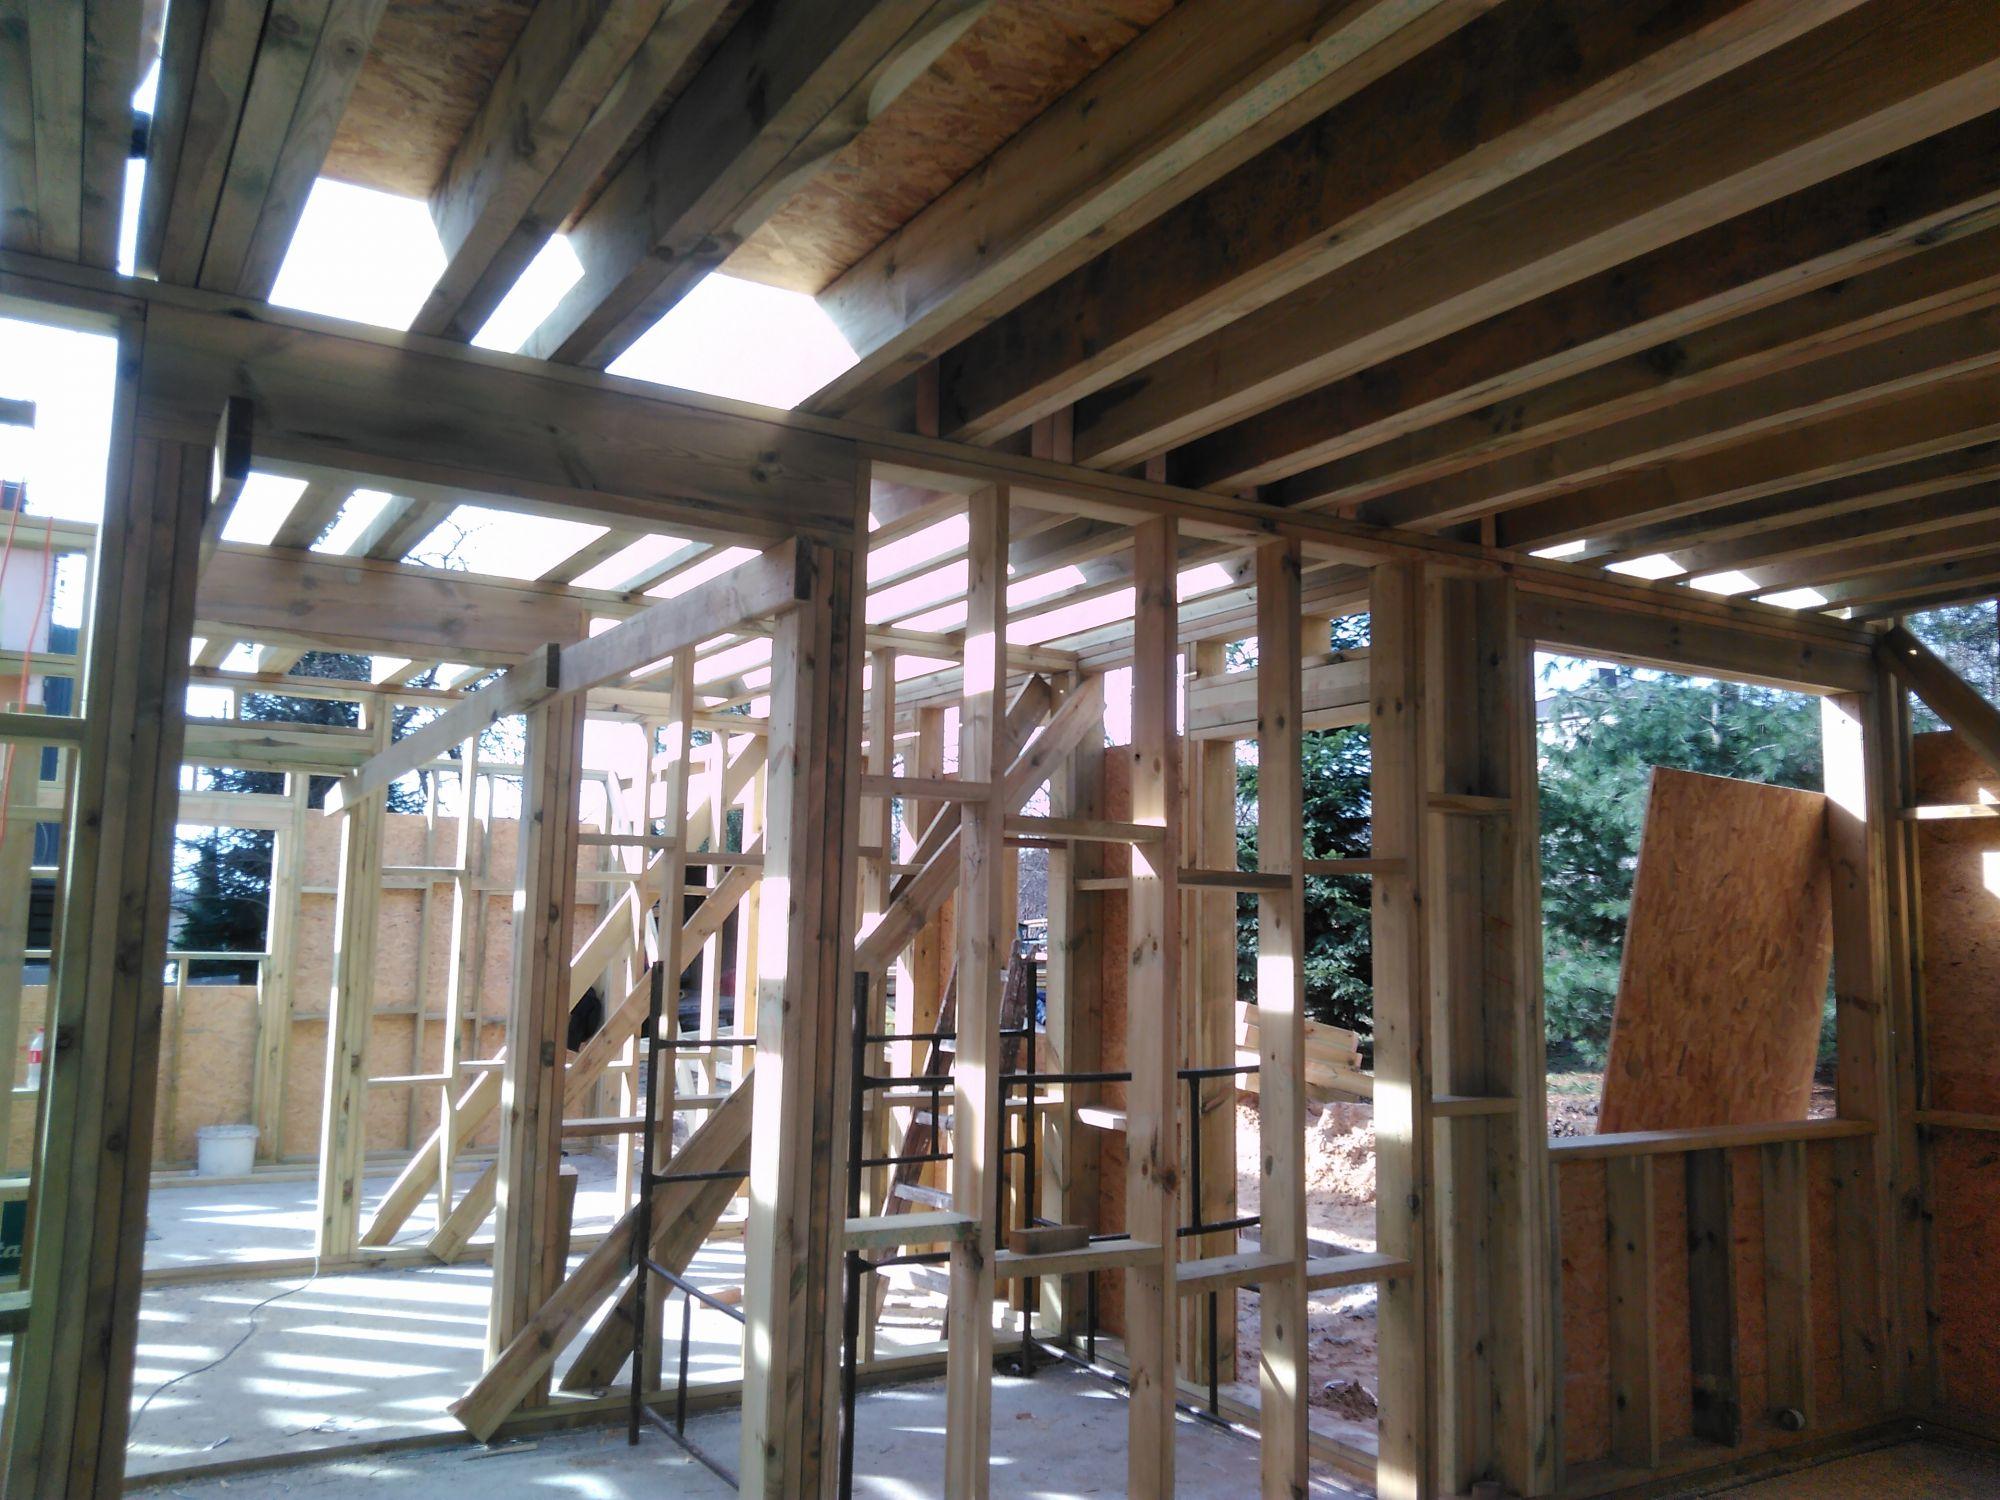 domy w technologii szkieletowej - budowa